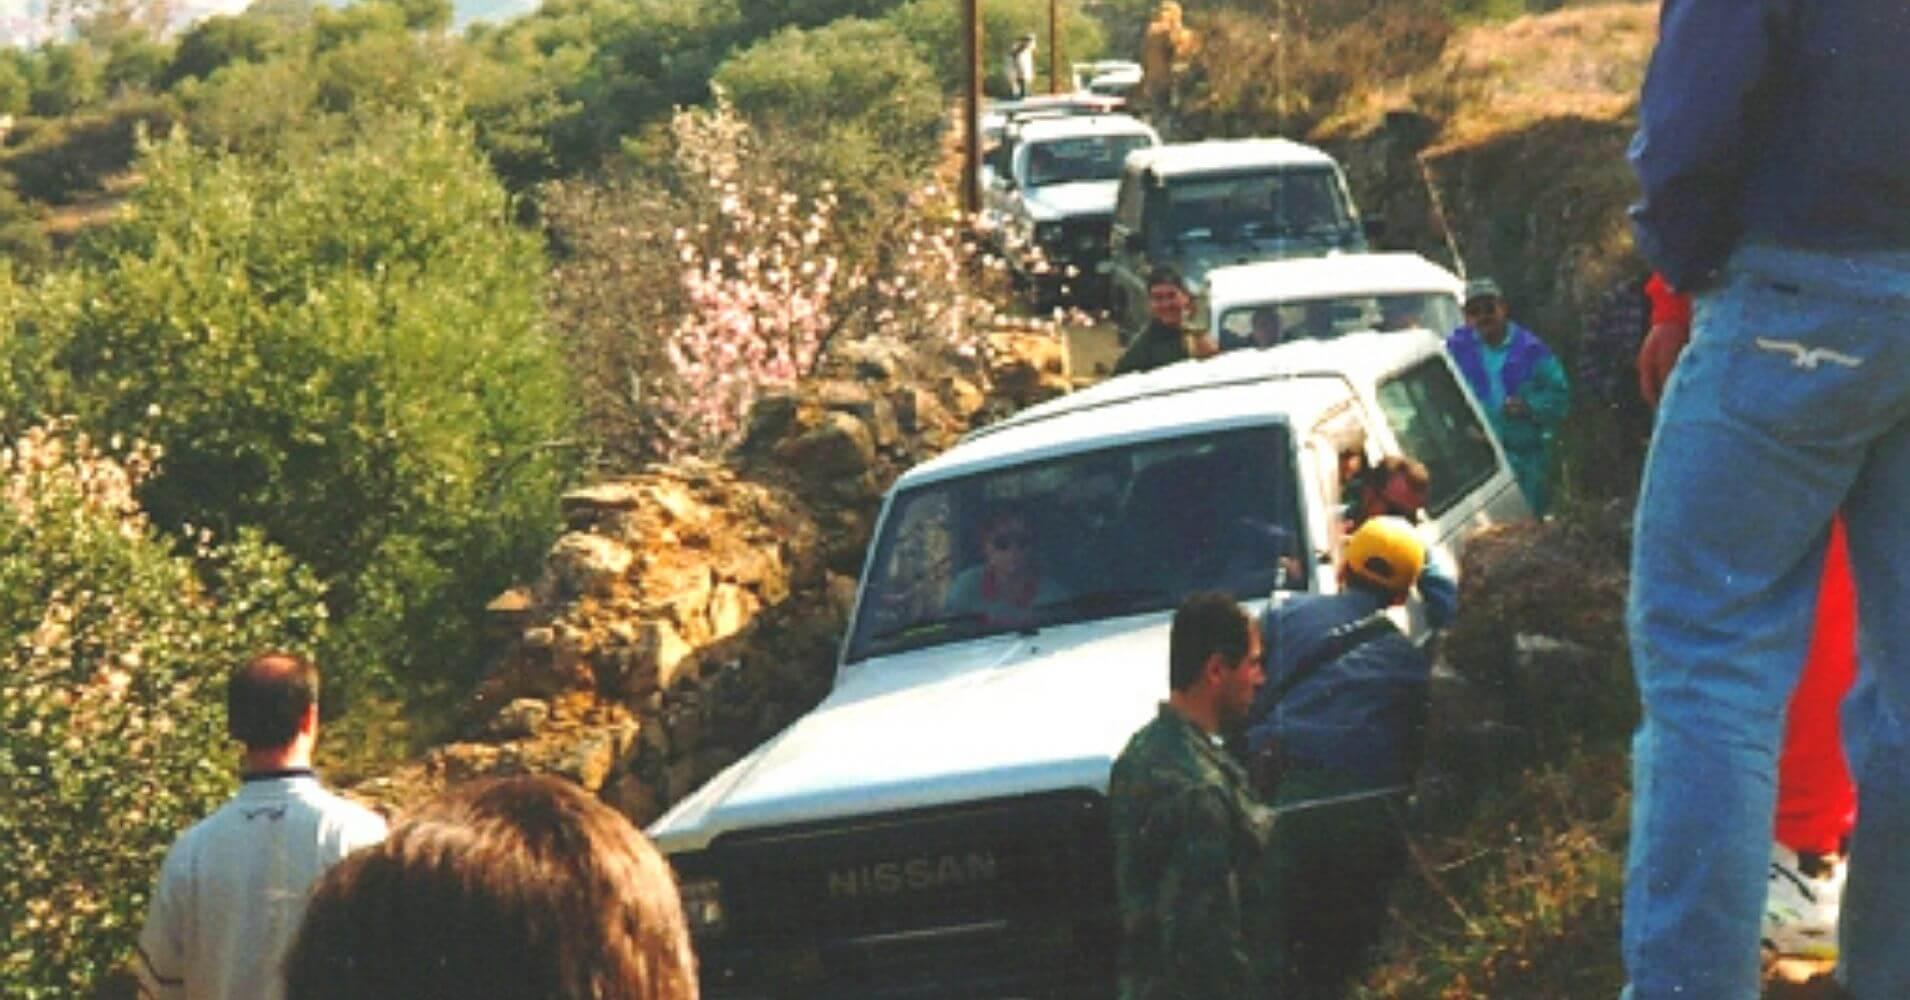 Caravana de 4X4 en ruta.